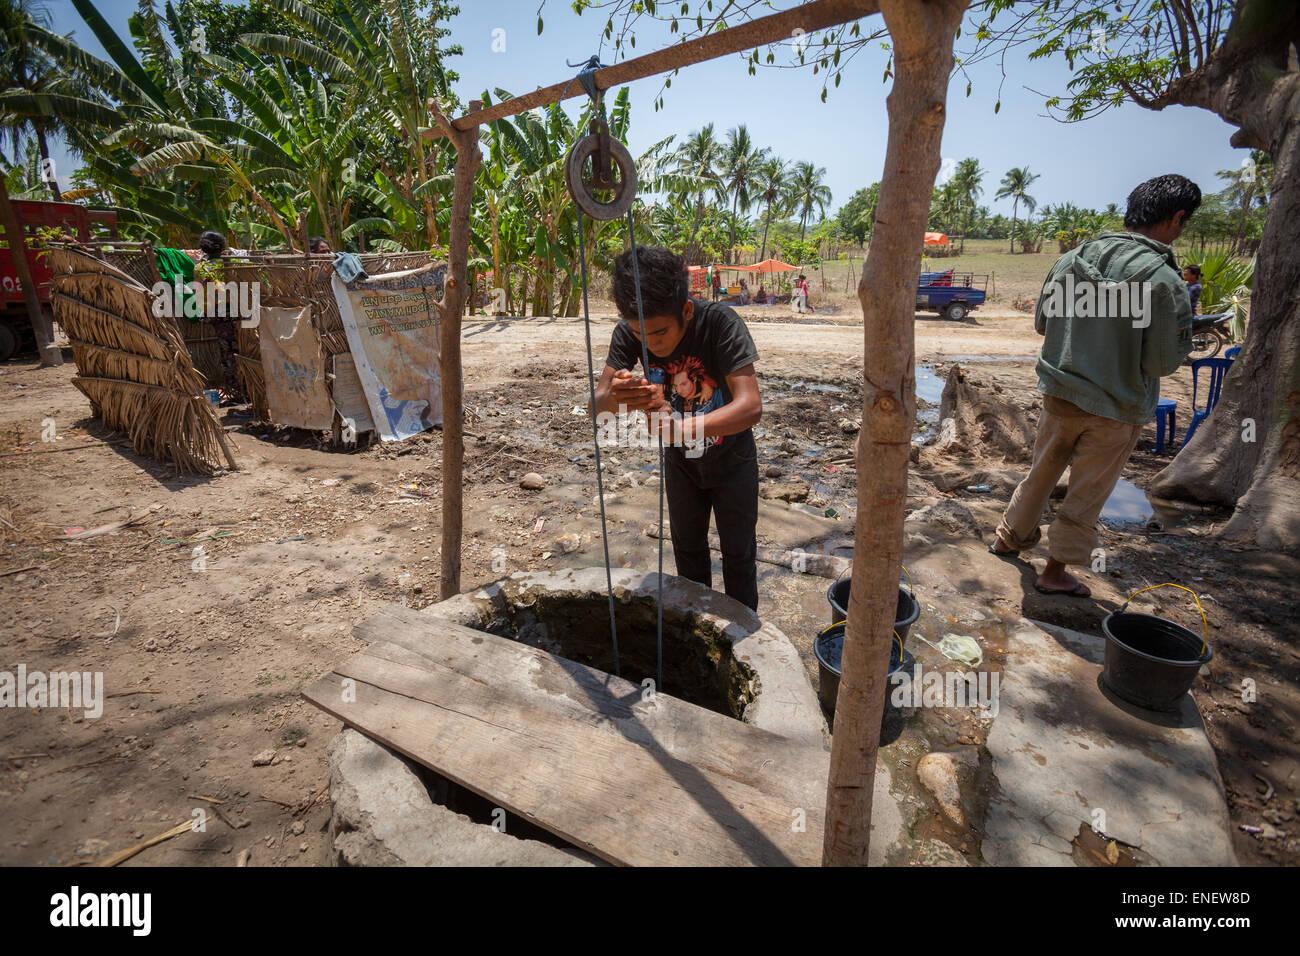 Ein Dorfbewohner heben Wasser aus einem kommunalen Wasser auch während der Trockenzeit in Insel Sumba, Indonesien. Stockbild